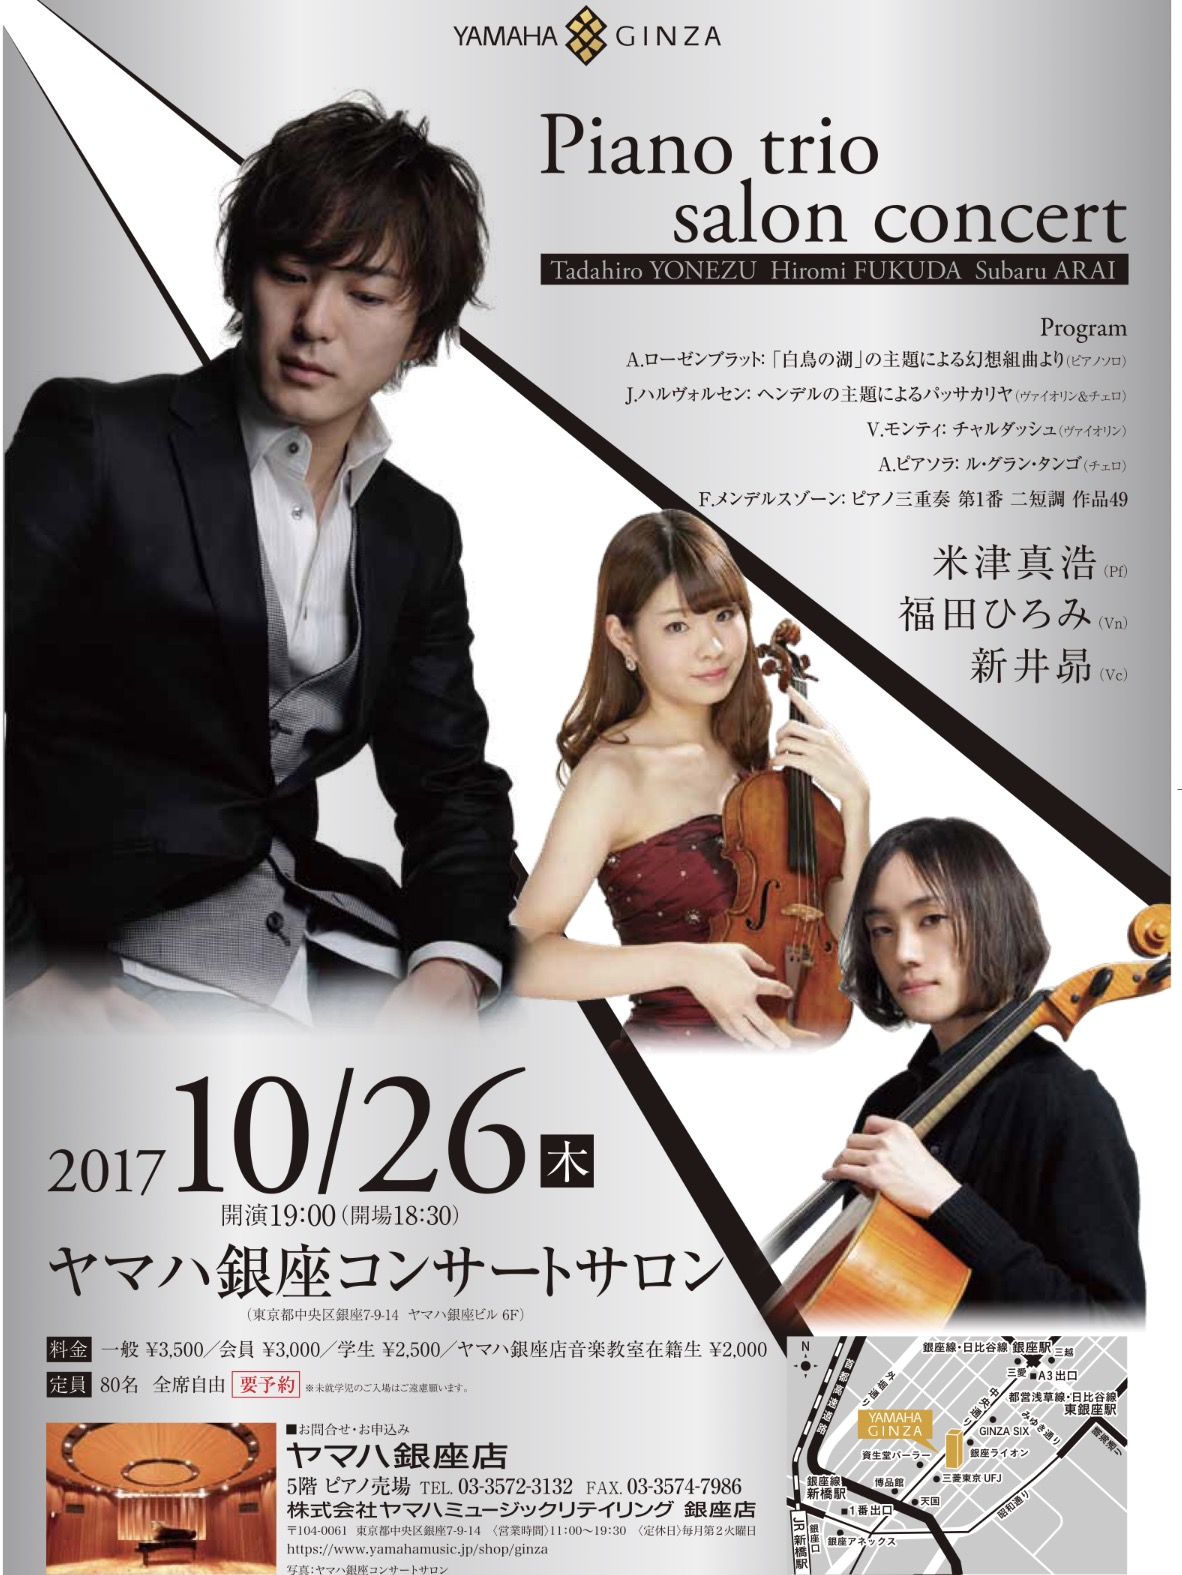 2017年10月26日(木) Piano trio salon concert 米津真浩×福田ひろみ×新井昴 @ヤマハ銀座コンサートサロン